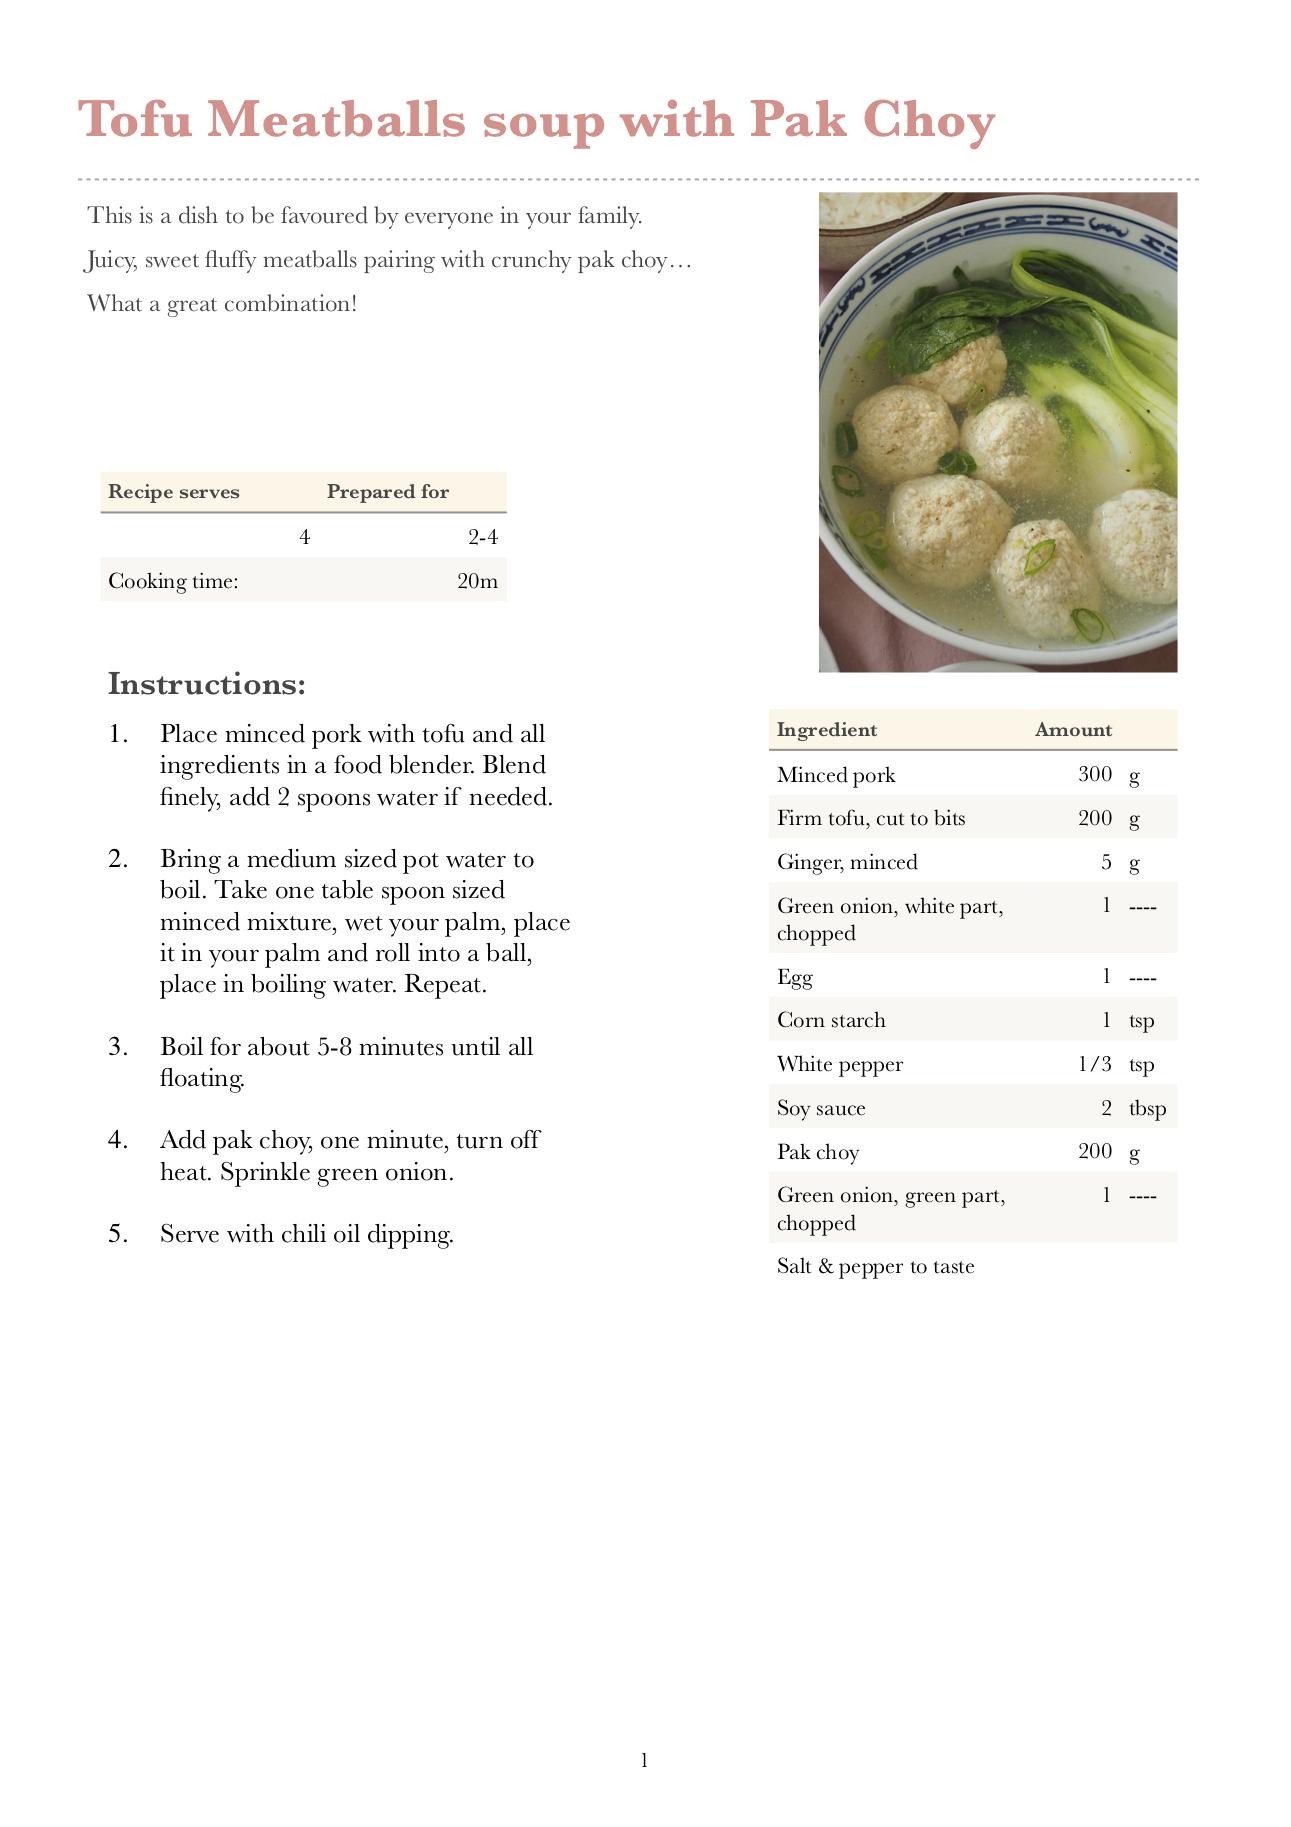 tofu meatballs.jpg